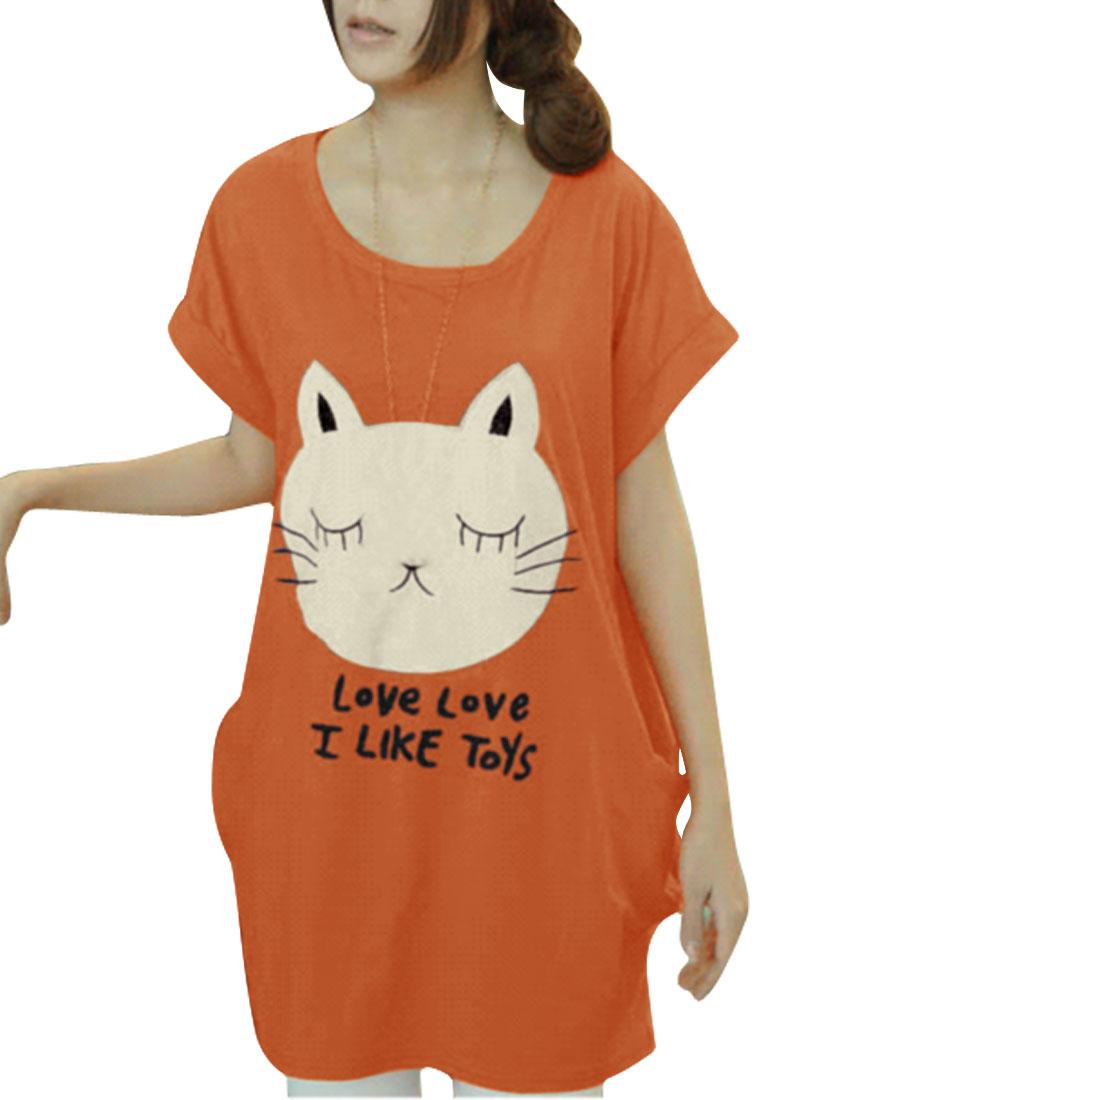 Ladies Short-sleeved Round Neck Slant Pockets Tunic Shirt Orange M